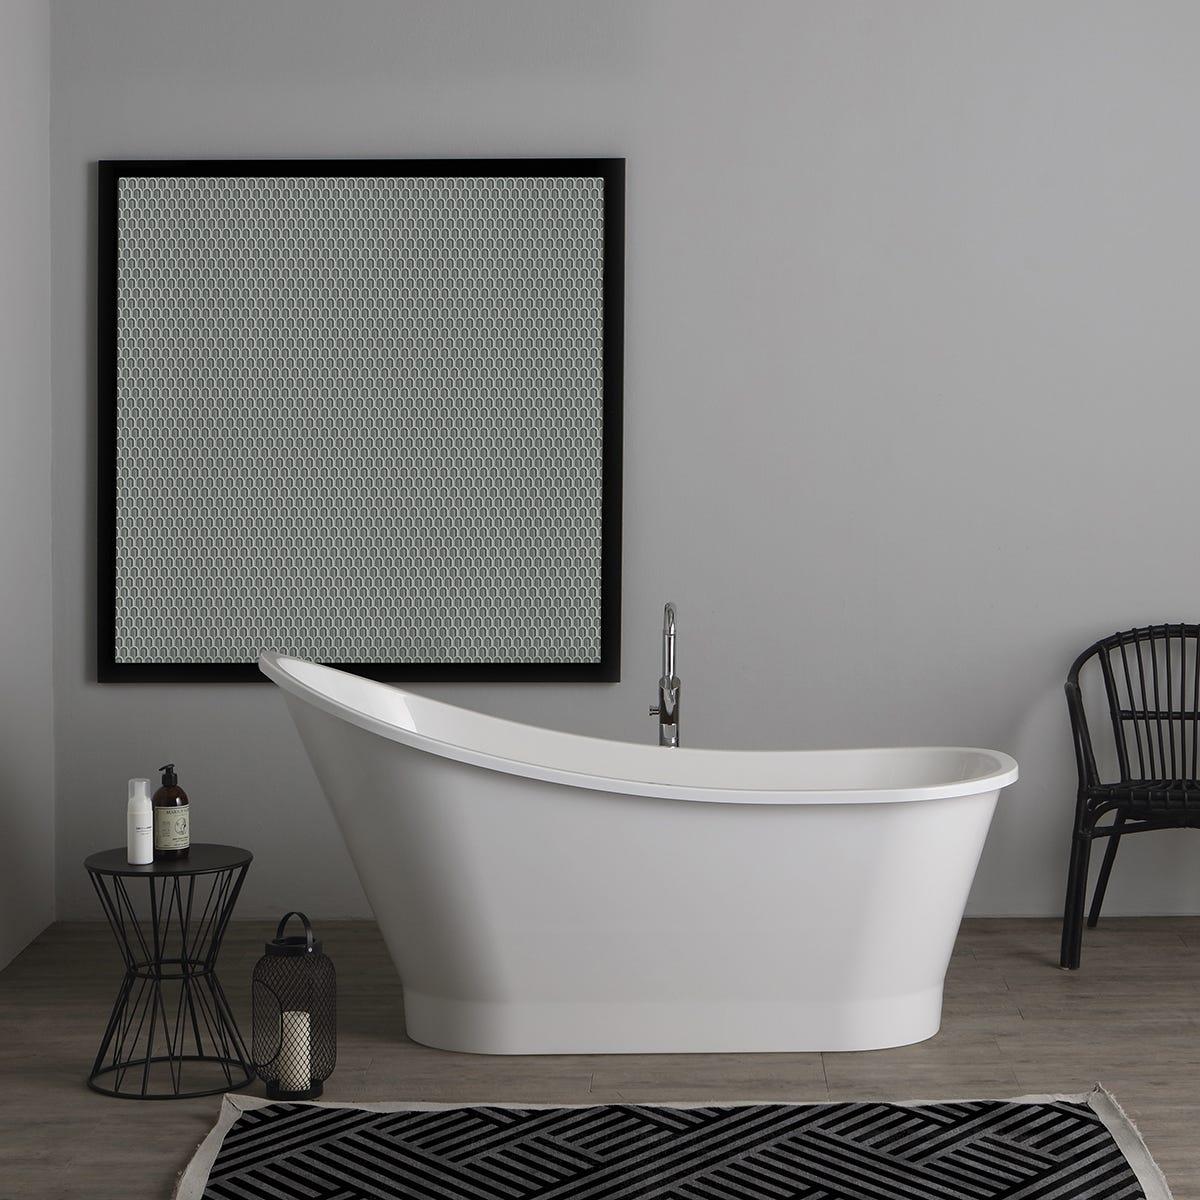 Vasca da bagno in marmo ricomposto modello arisa di ottima - Vasche da bagno dolomite ...